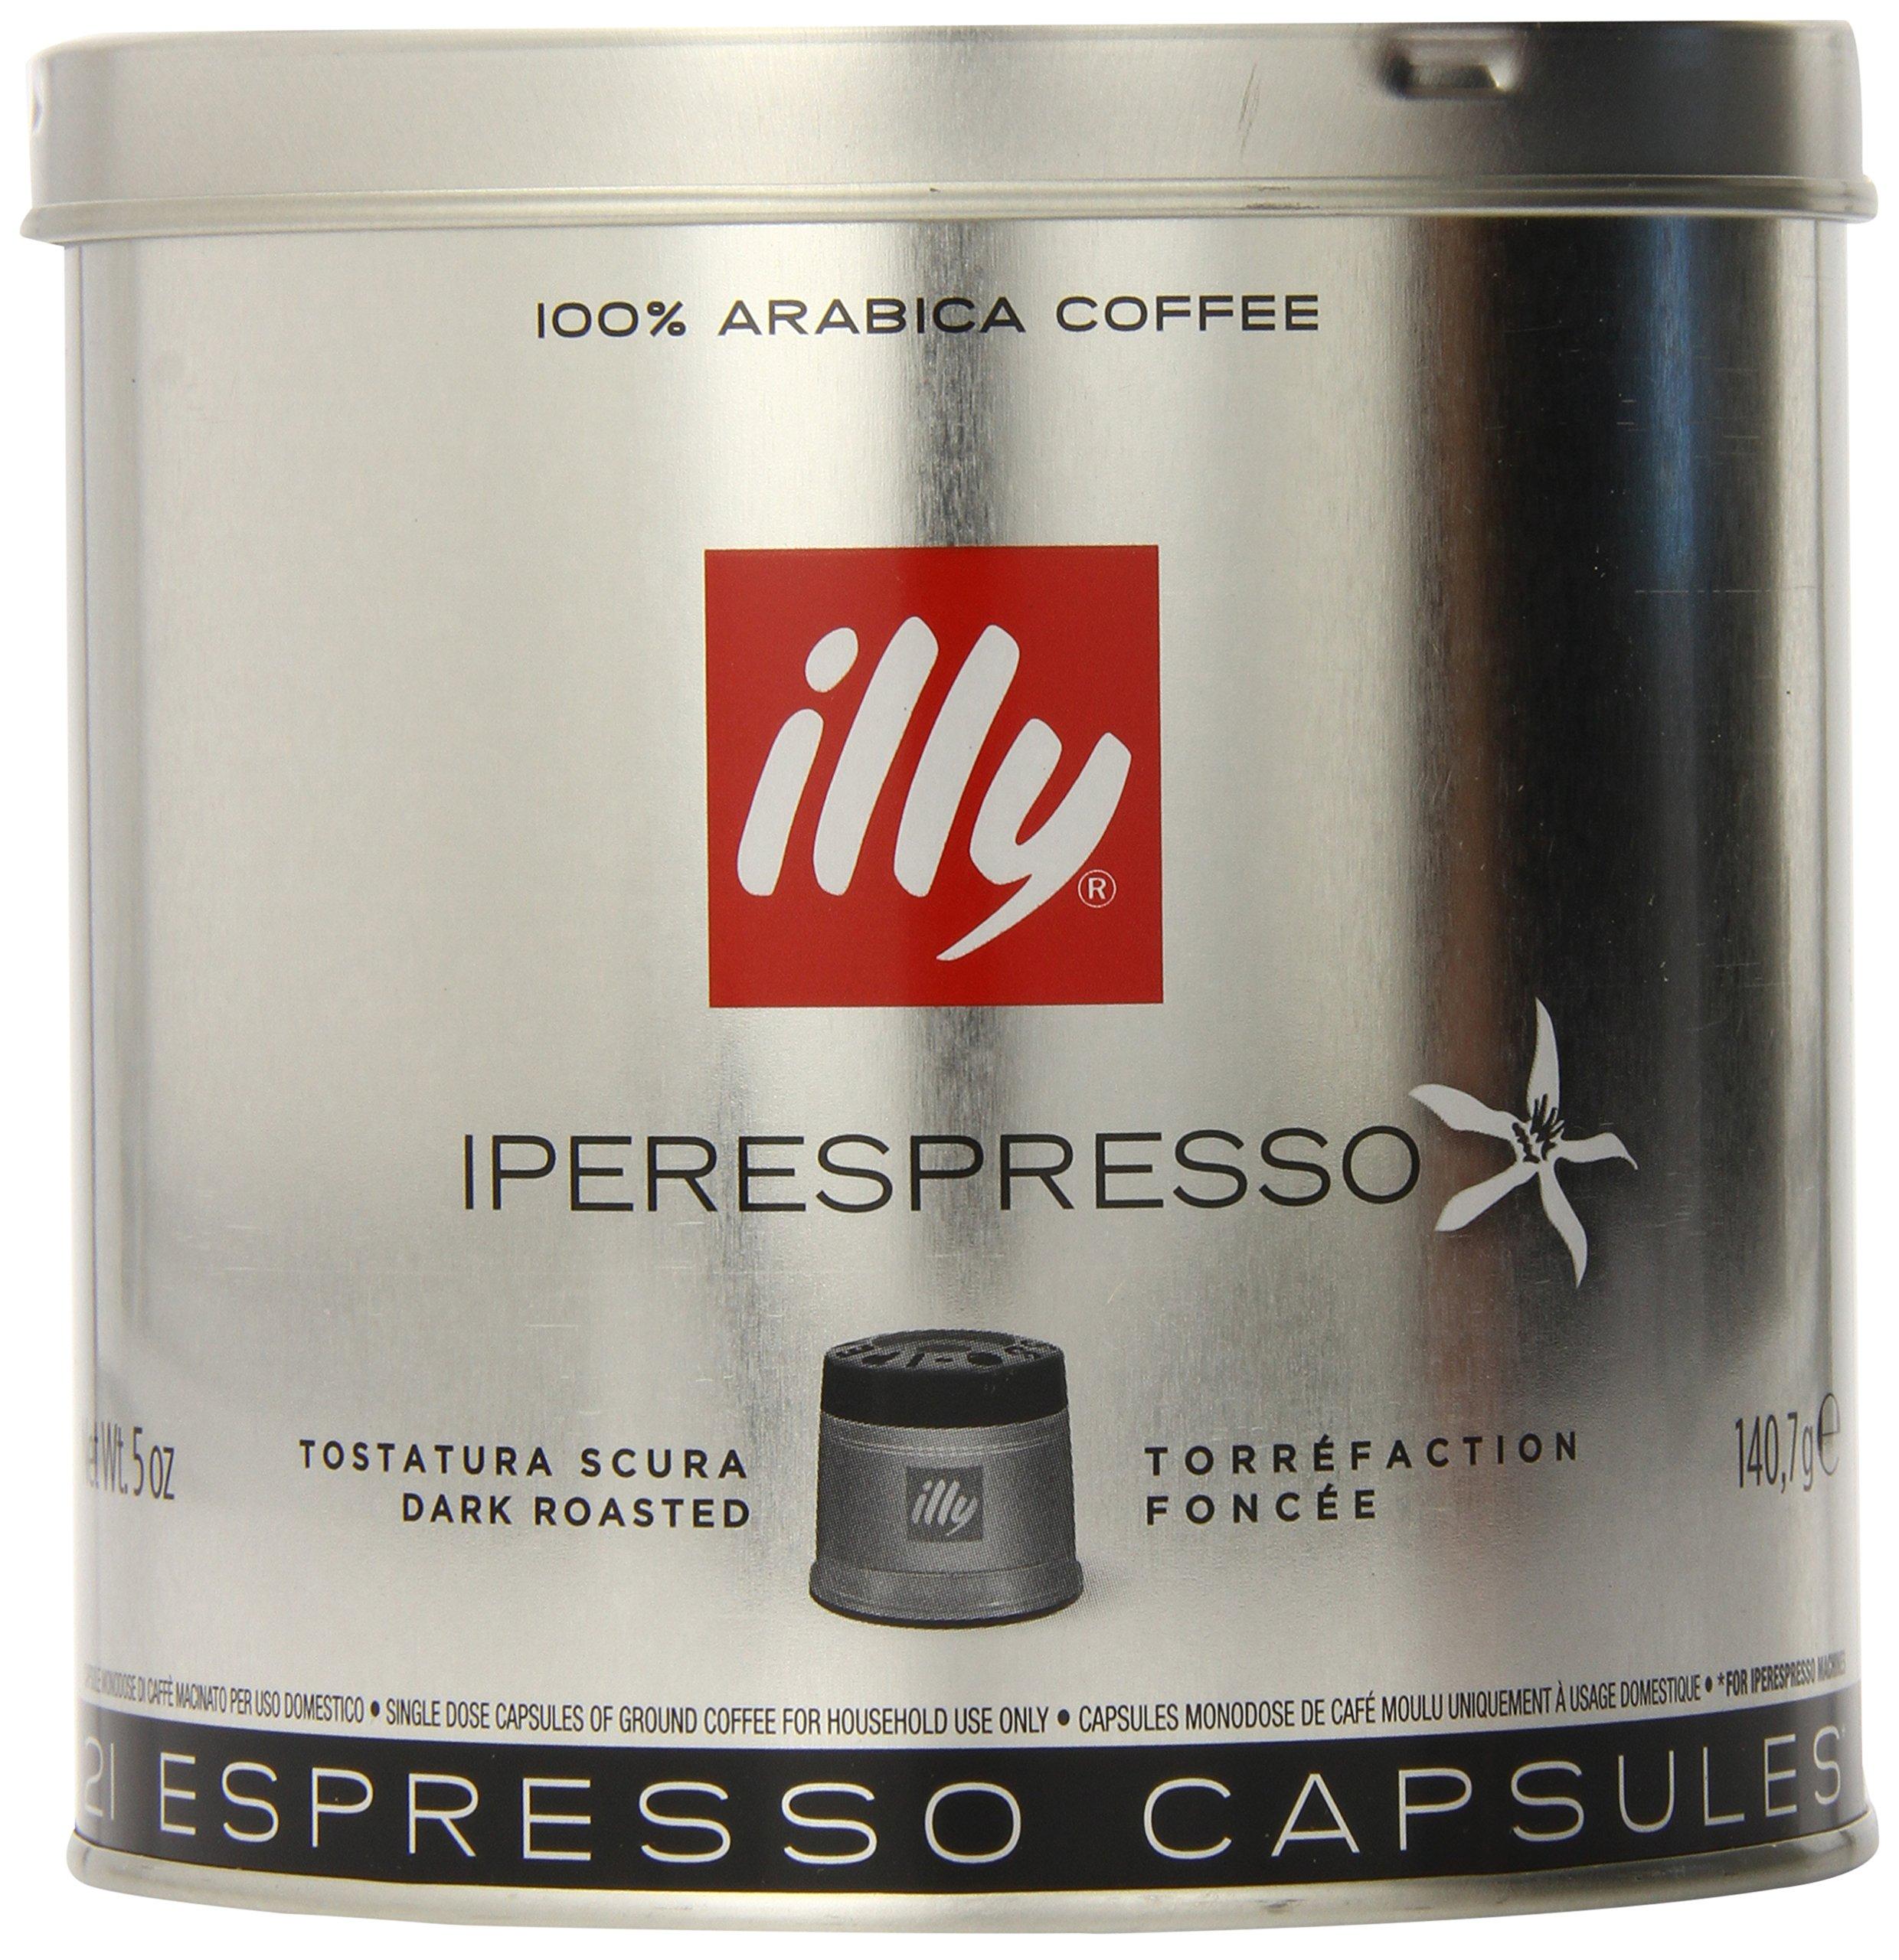 illy Coffee, Intenso iperEspresso Capsule, Dark Roast Espresso Pods, 100% Arabica Bean